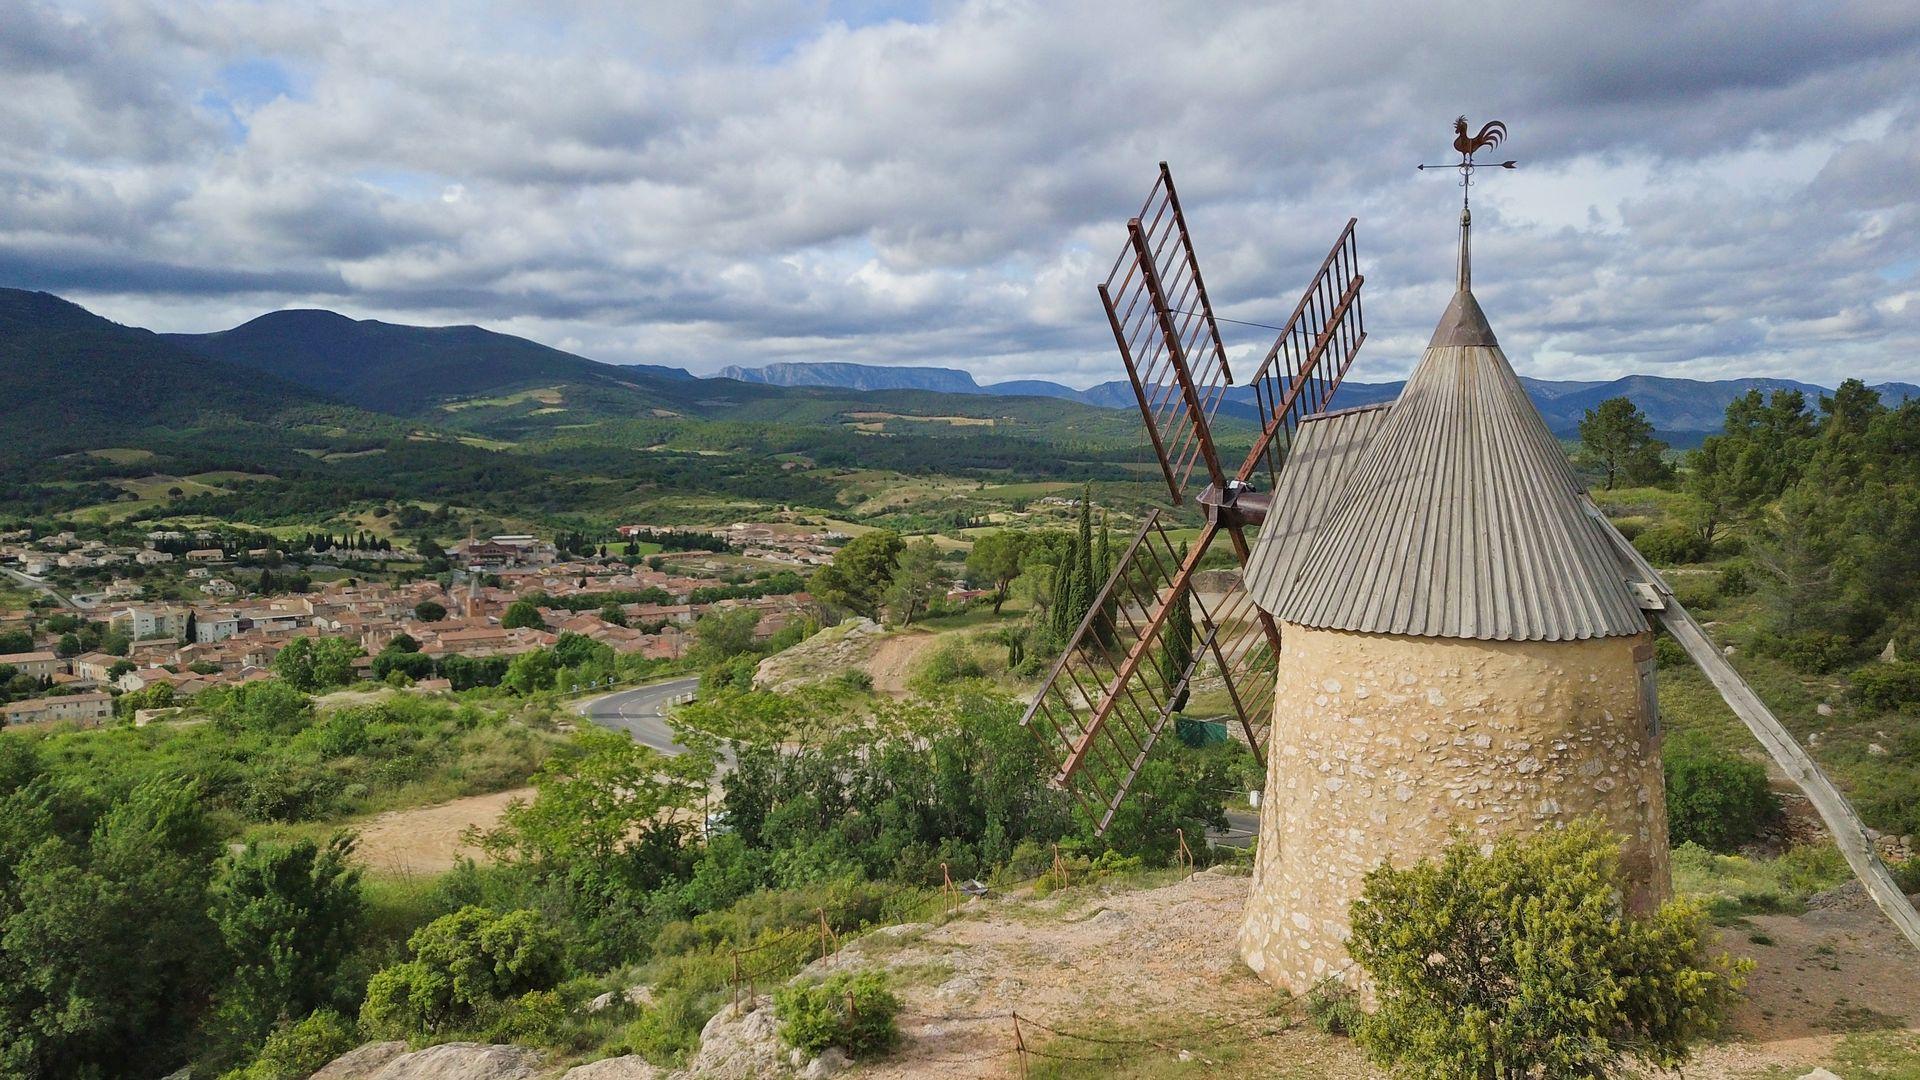 Le Moulin du rocher à St-Chinian